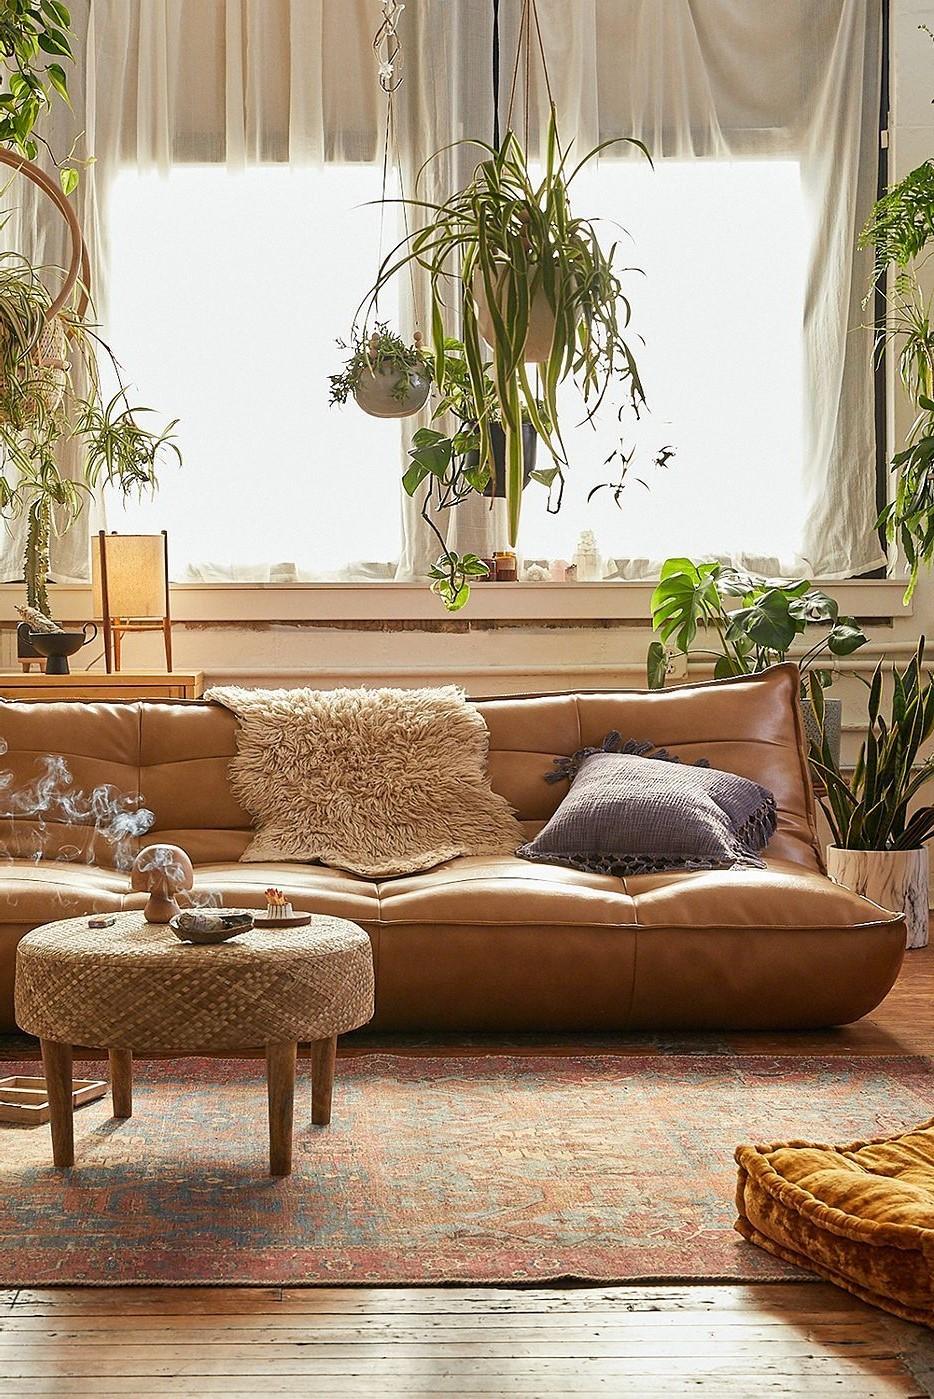 Canapé en cuir avec une couverture en fausse fourrure - l'ambiance confortable est garantie!